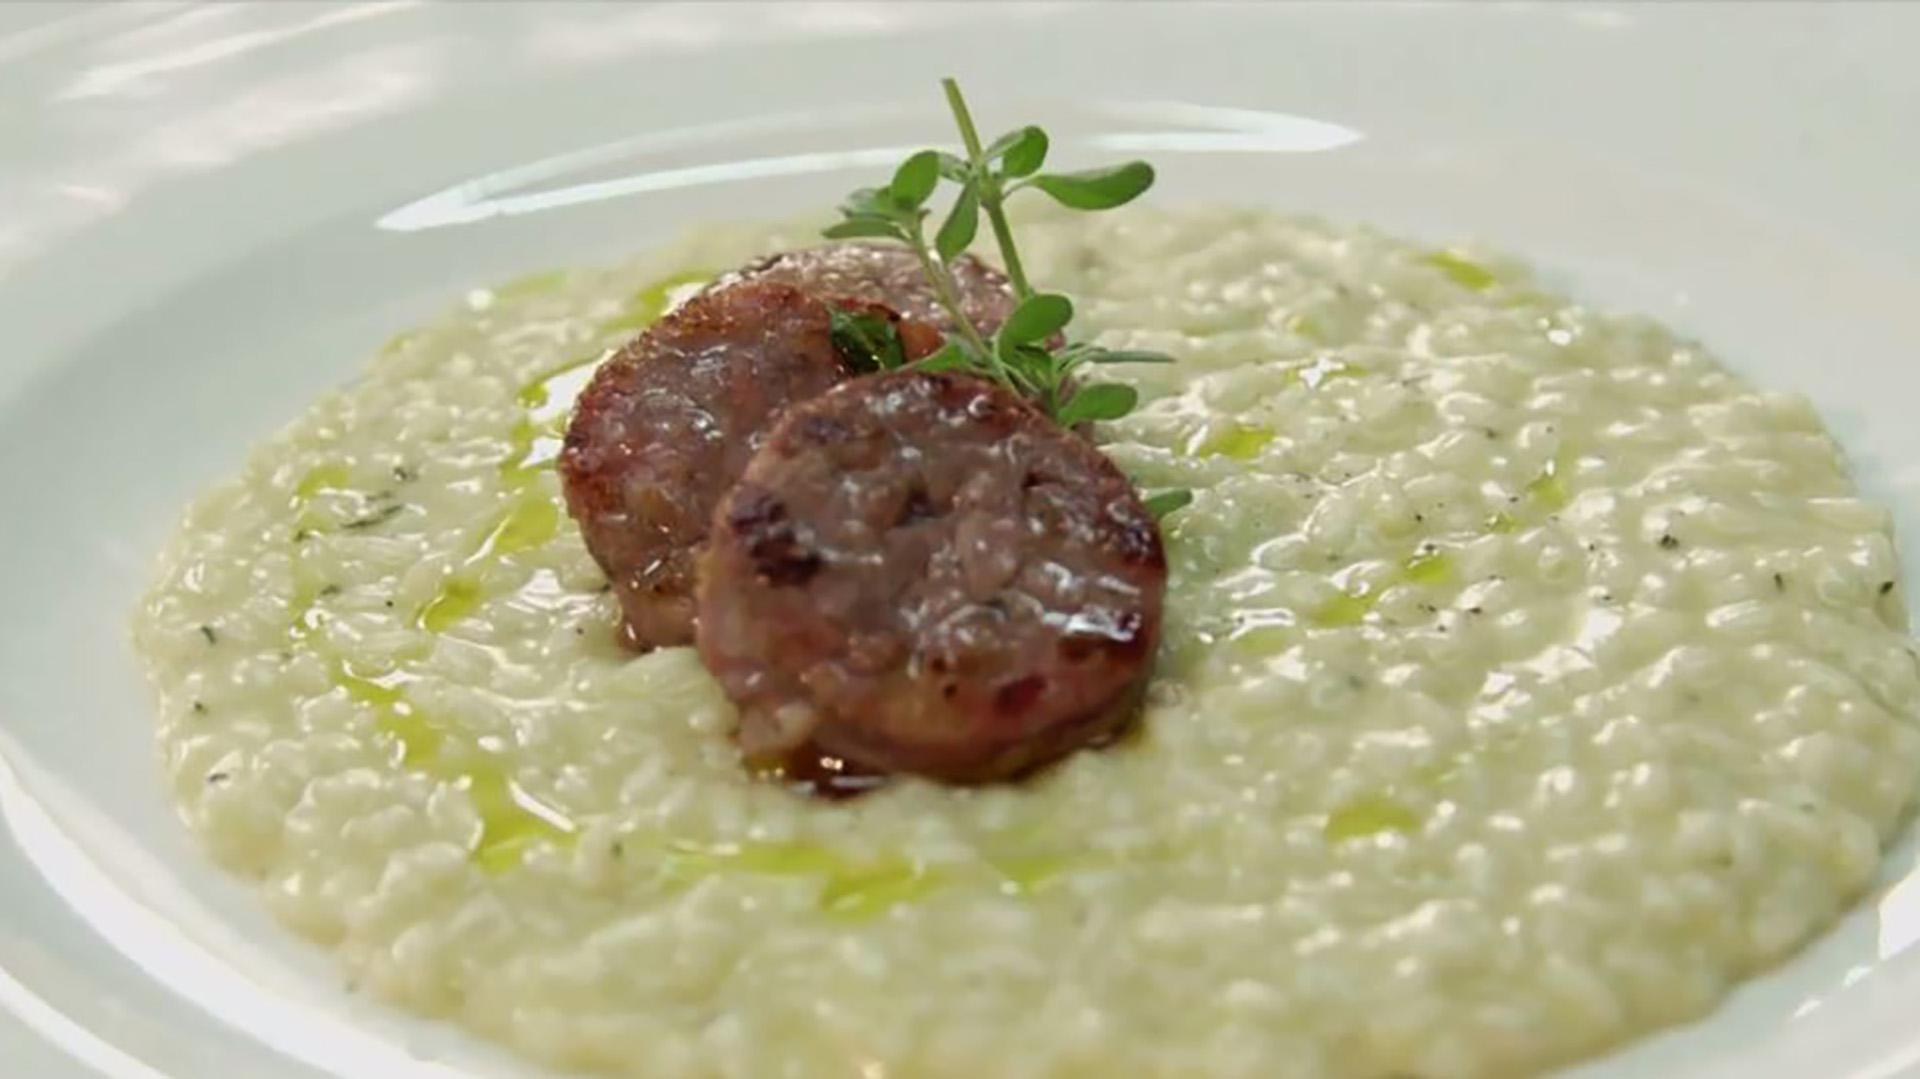 Cucine da incubo italia le ricette di chef cannavacciuolo for Risotto ricette